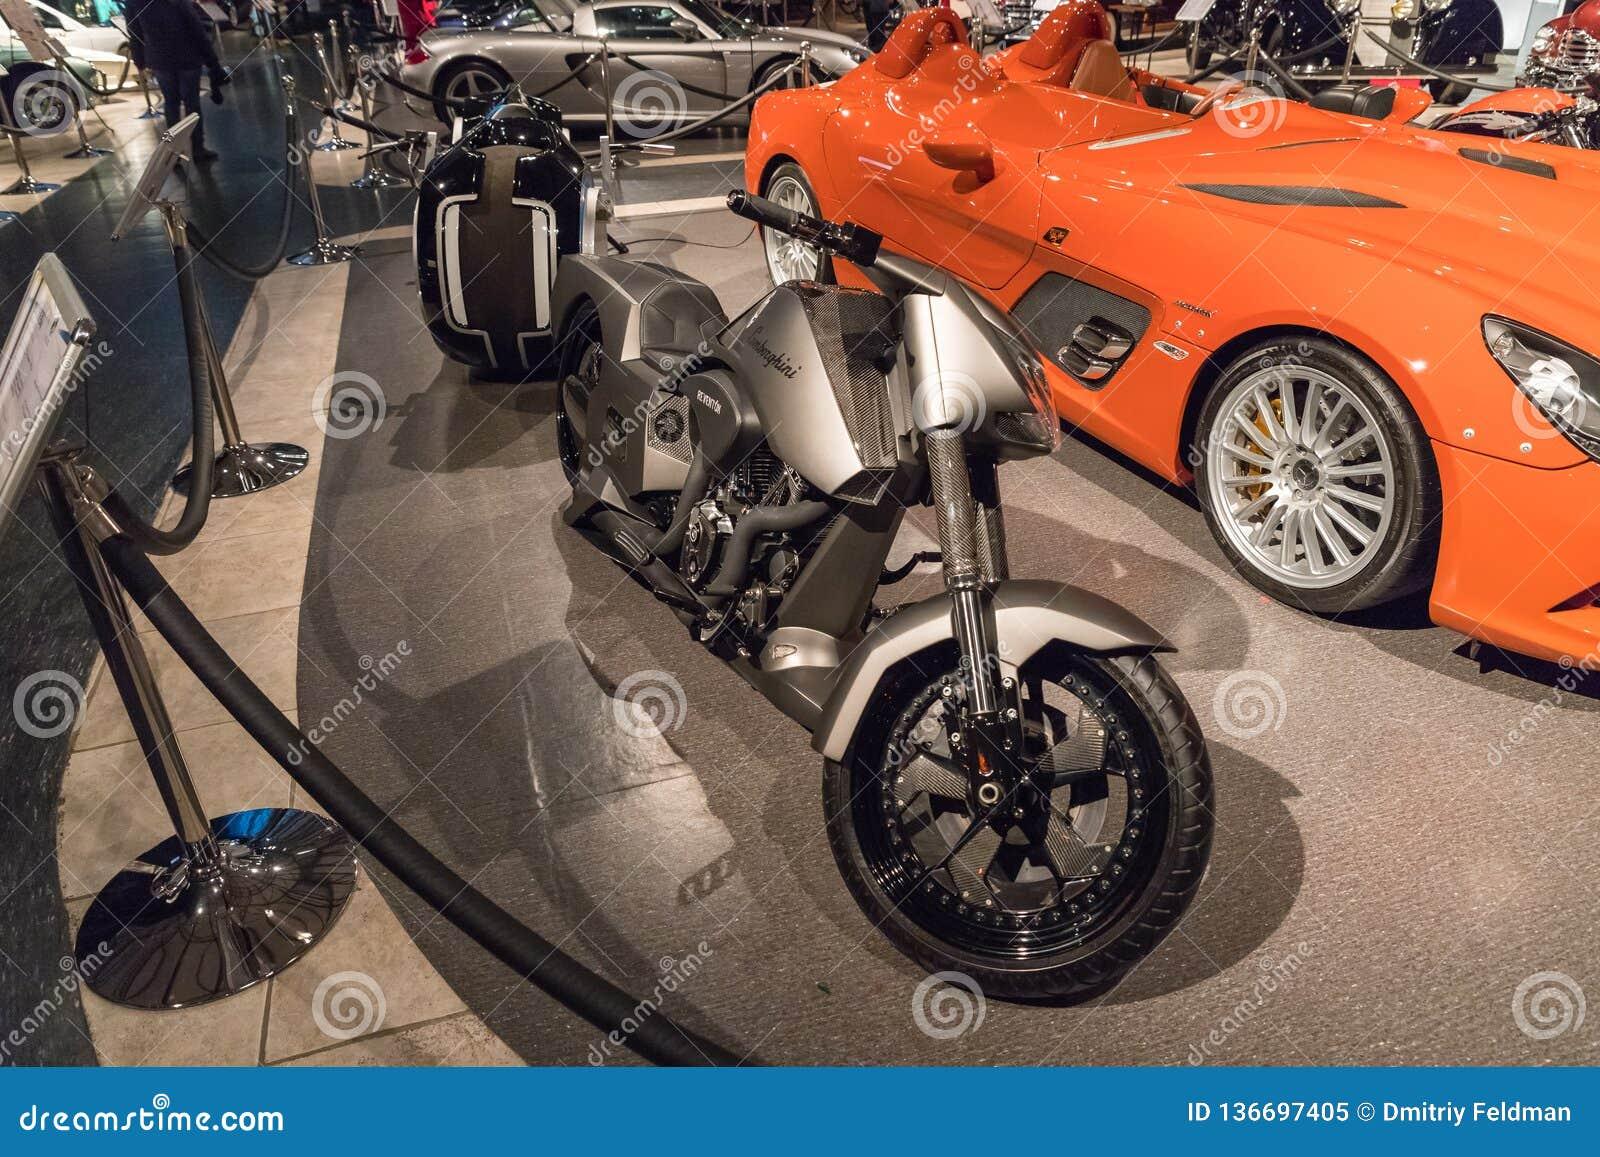 Bajzath Bike Lamborghini Type Reventon 2013 At The Exhibition In The